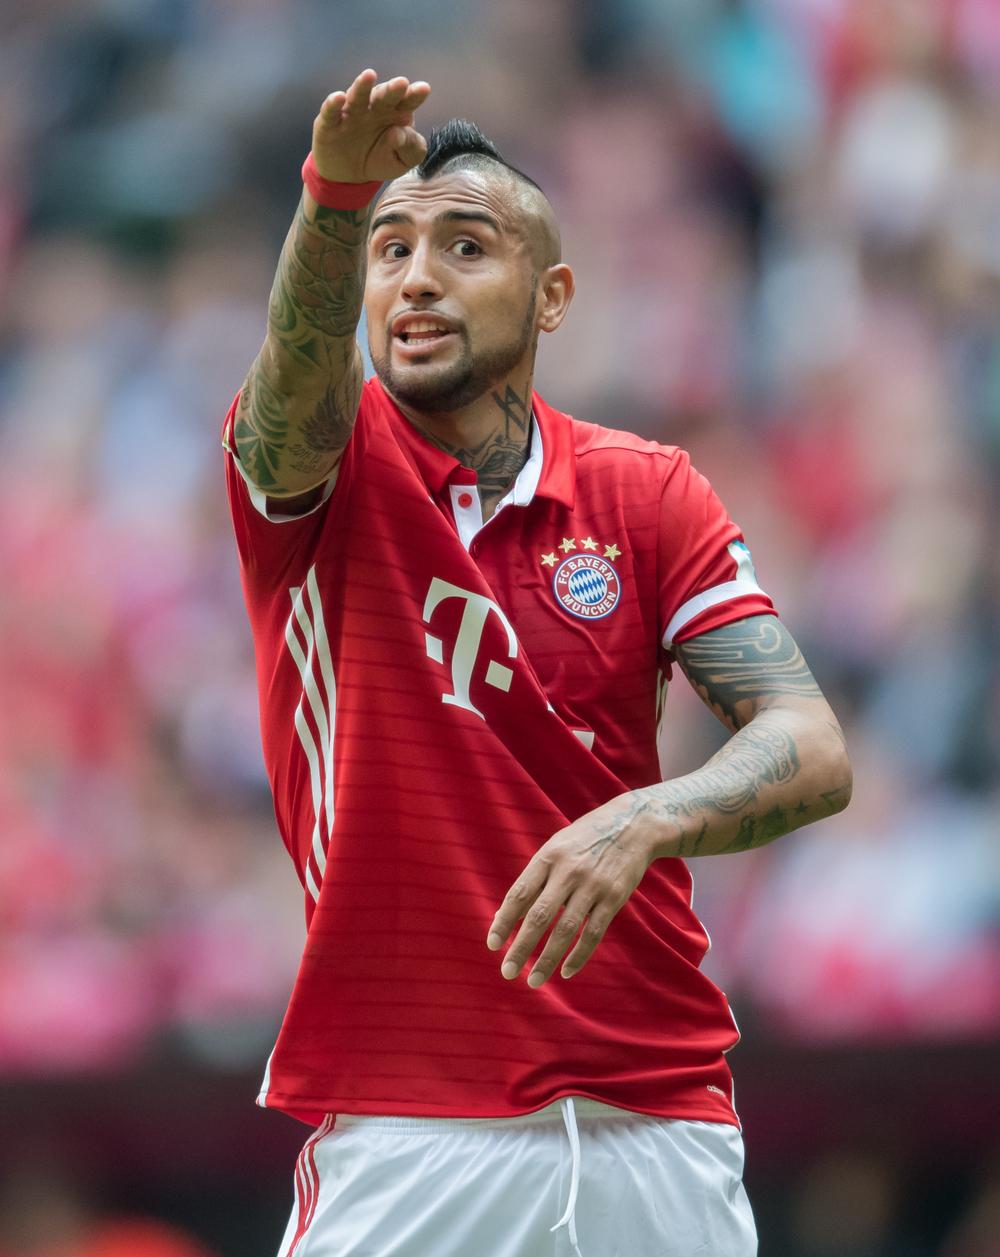 Arturo Vidal blev solgt til Bayern München som en helt naturlig del af Juventus måde at både lave forretning og udvikle et fodboldhold. Foto: Boris Streubel/Getty Images